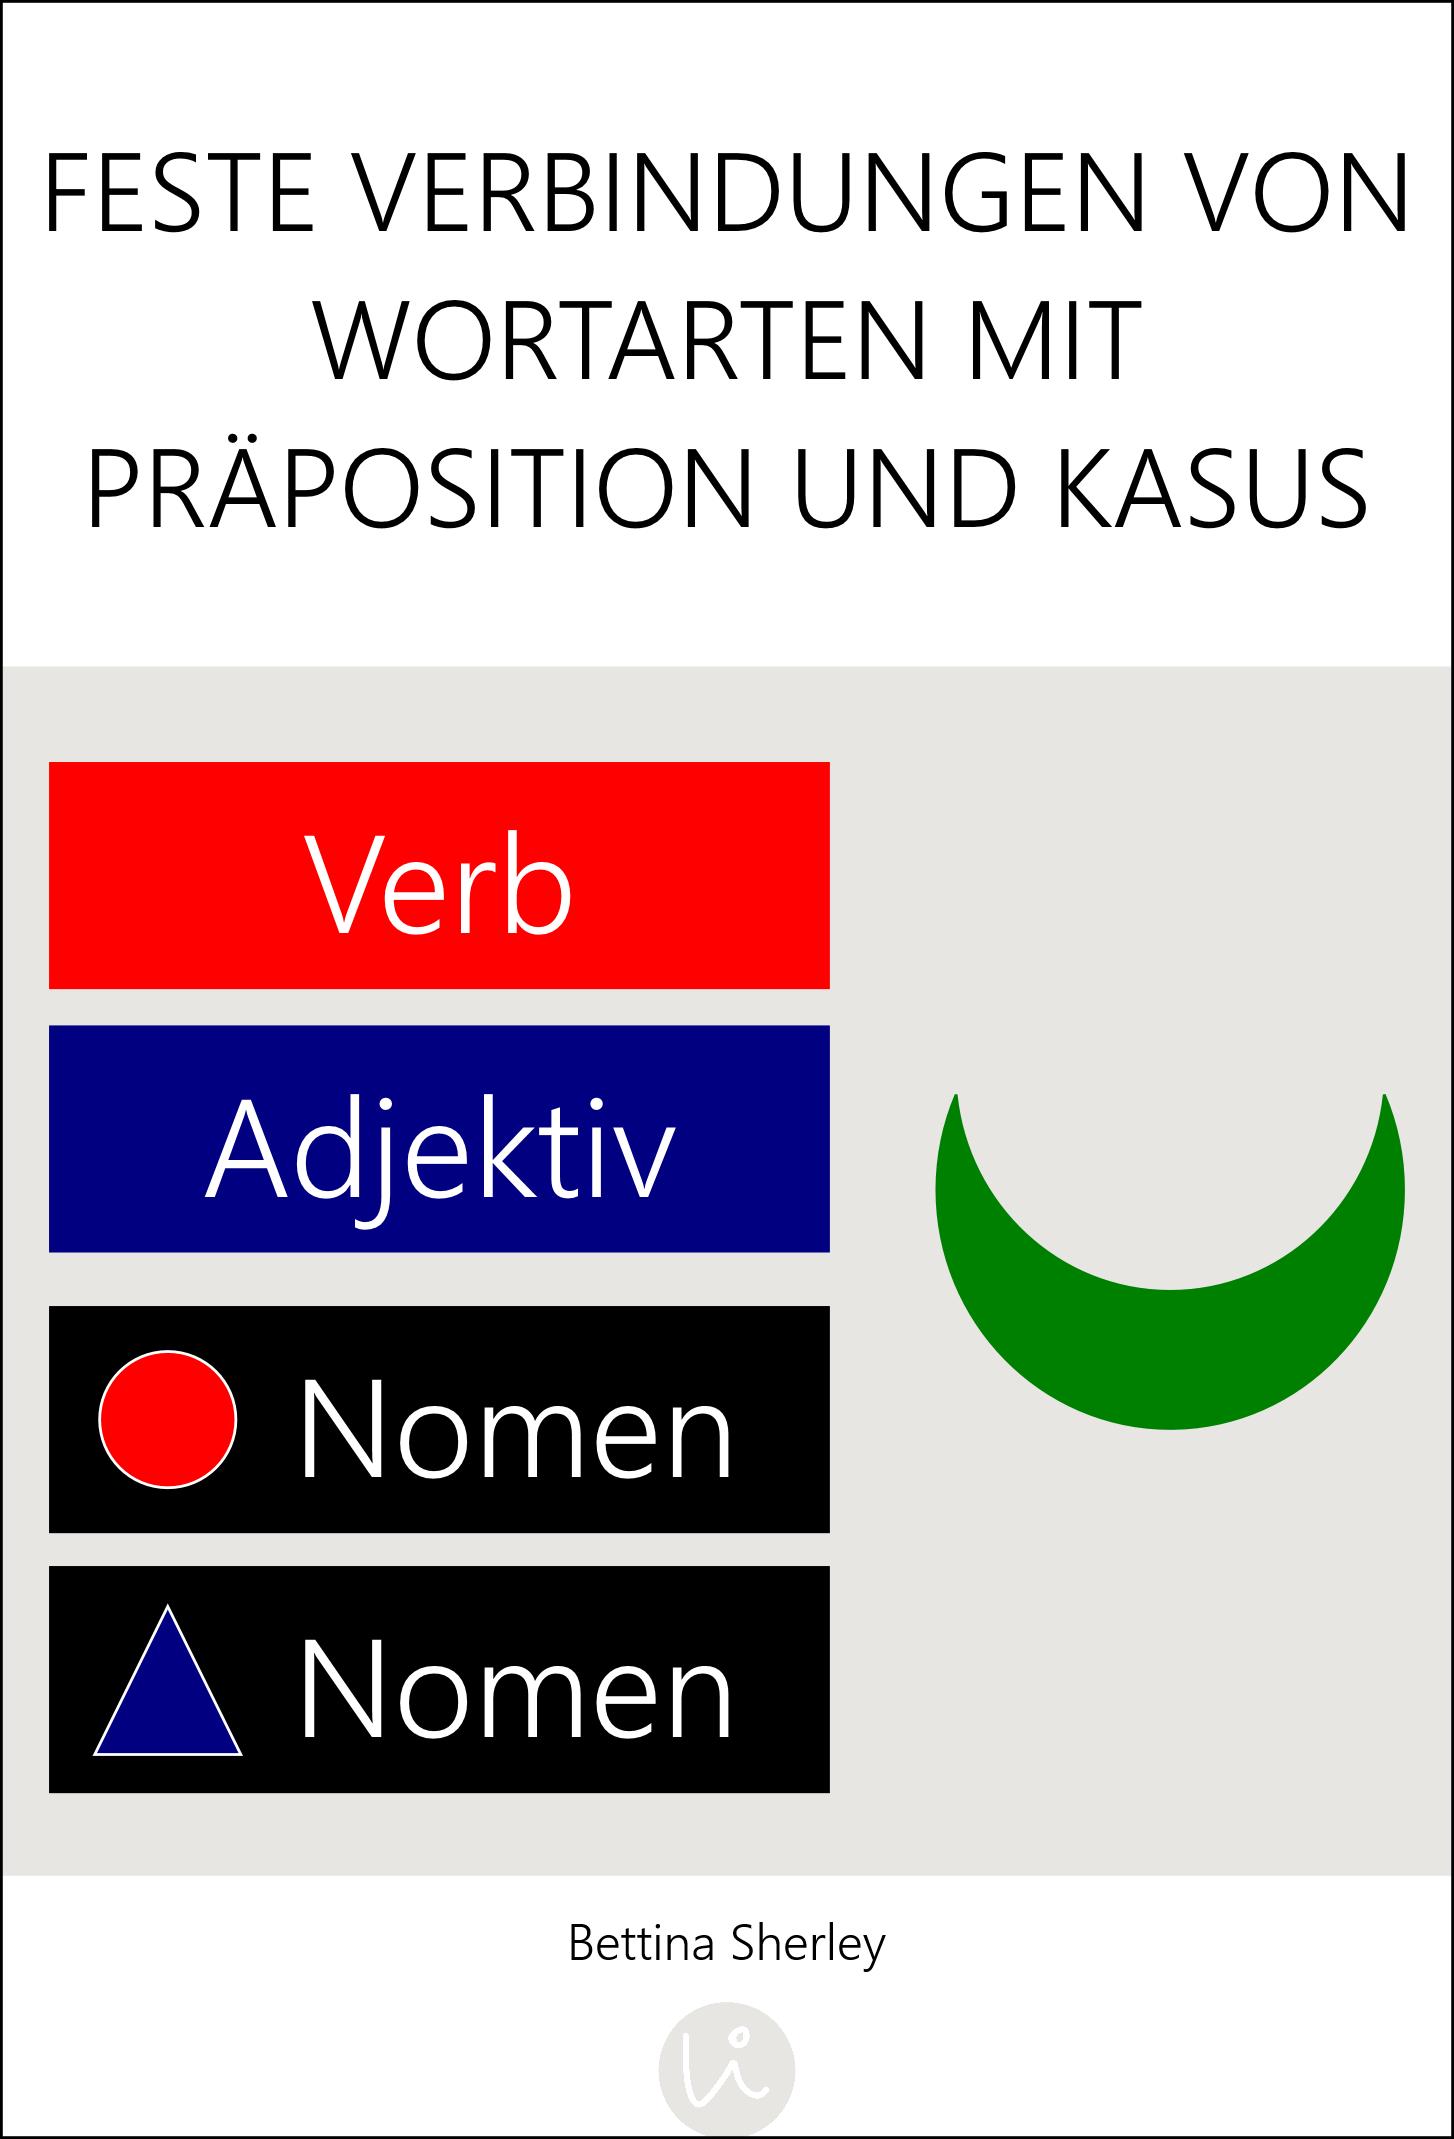 Feste Verbindungen Von Wortarten Mit Praeposition Und Kasus